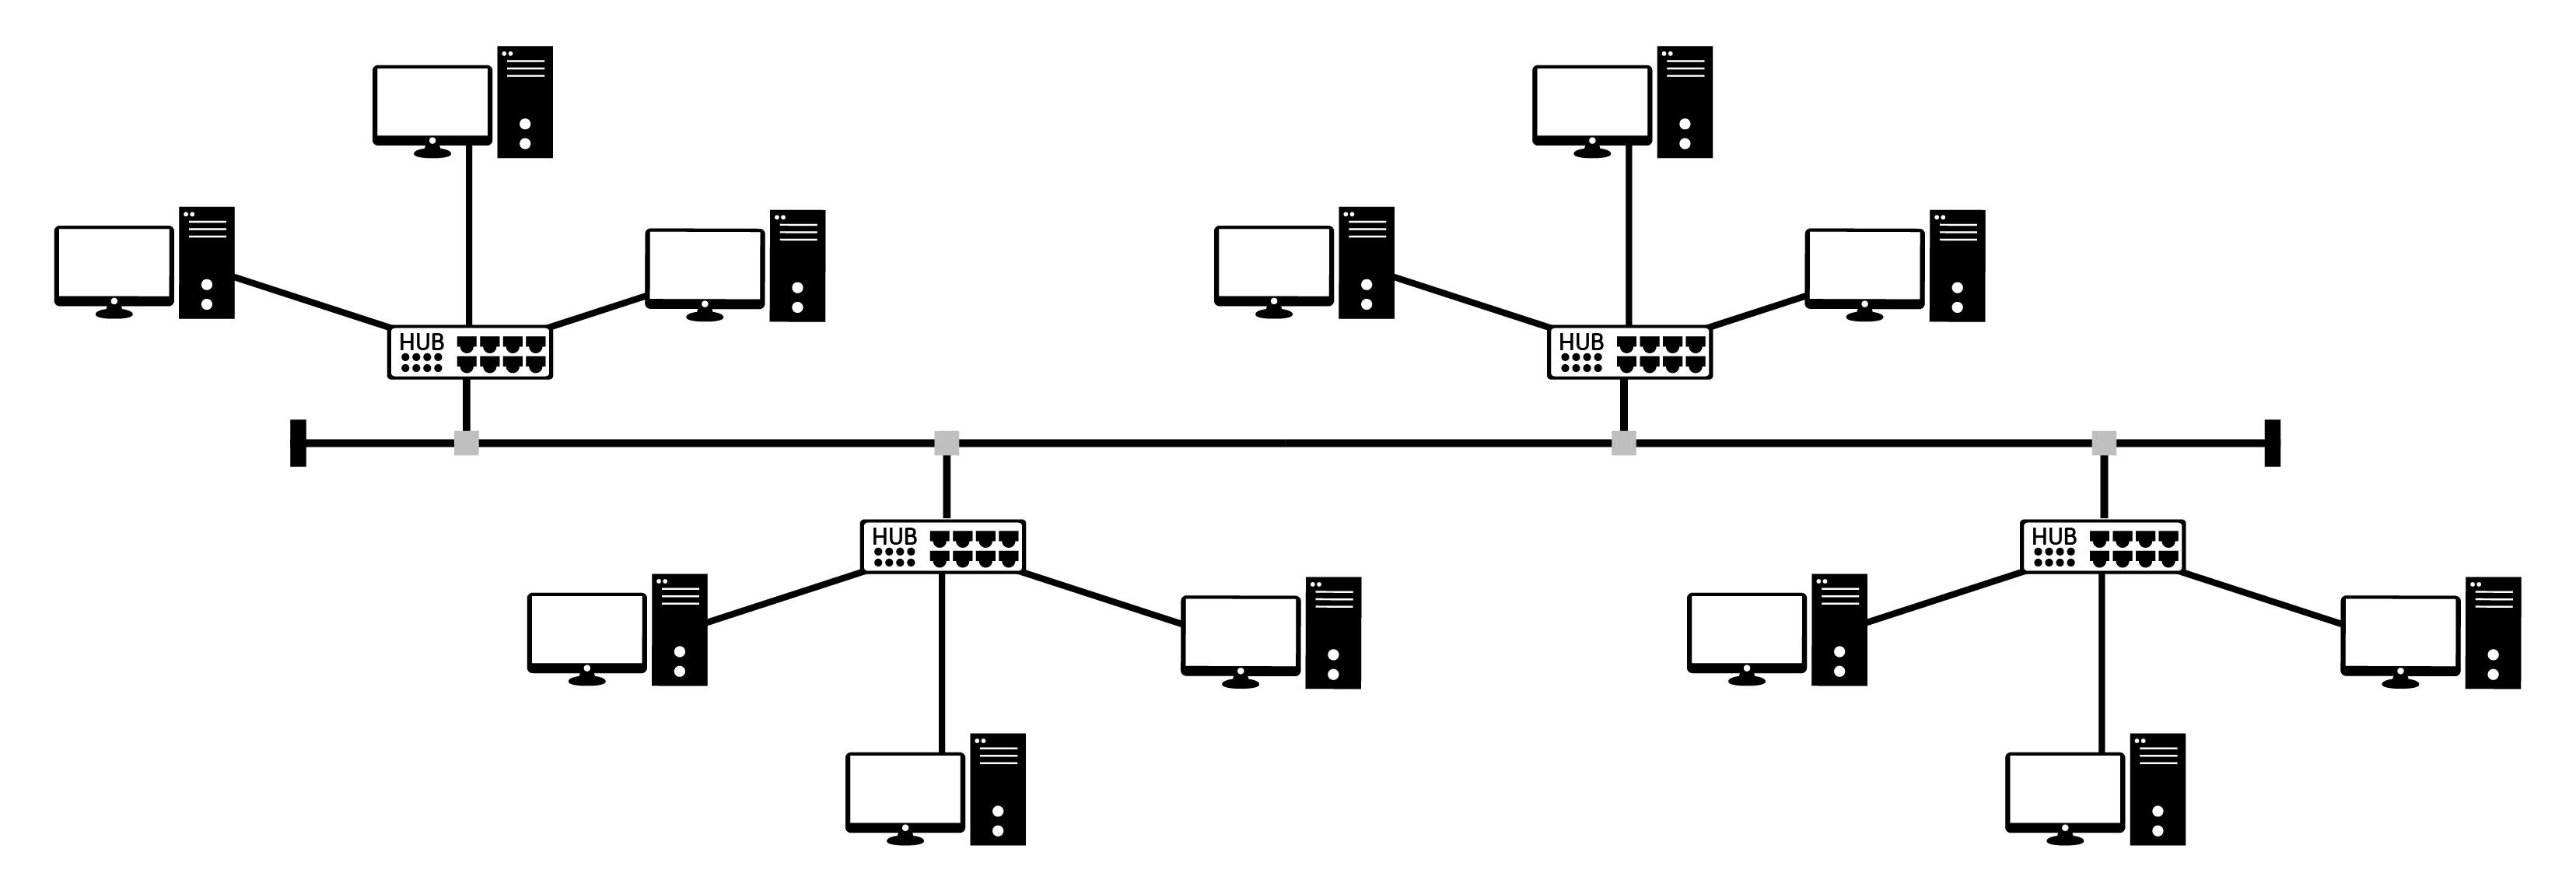 โทโพโลยีแบบต้นไม้ (Tree Topology)